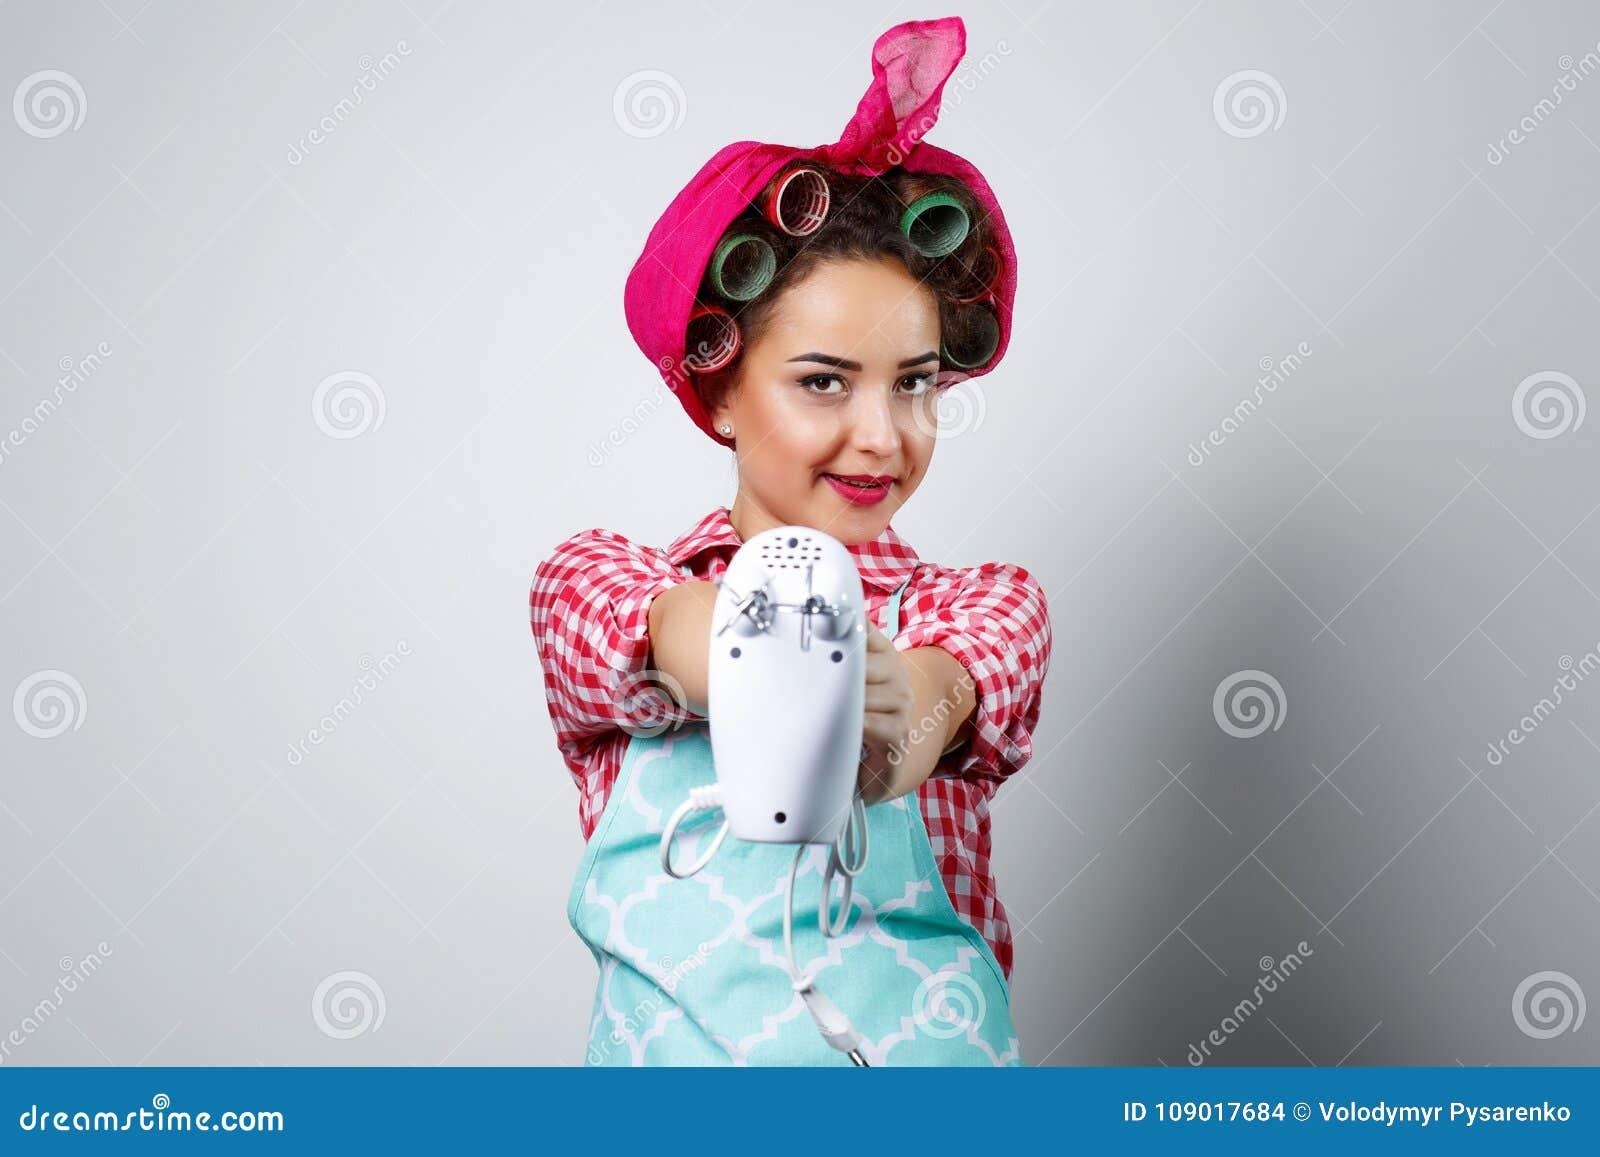 Junges schönes Mädchen, das Mischer hält